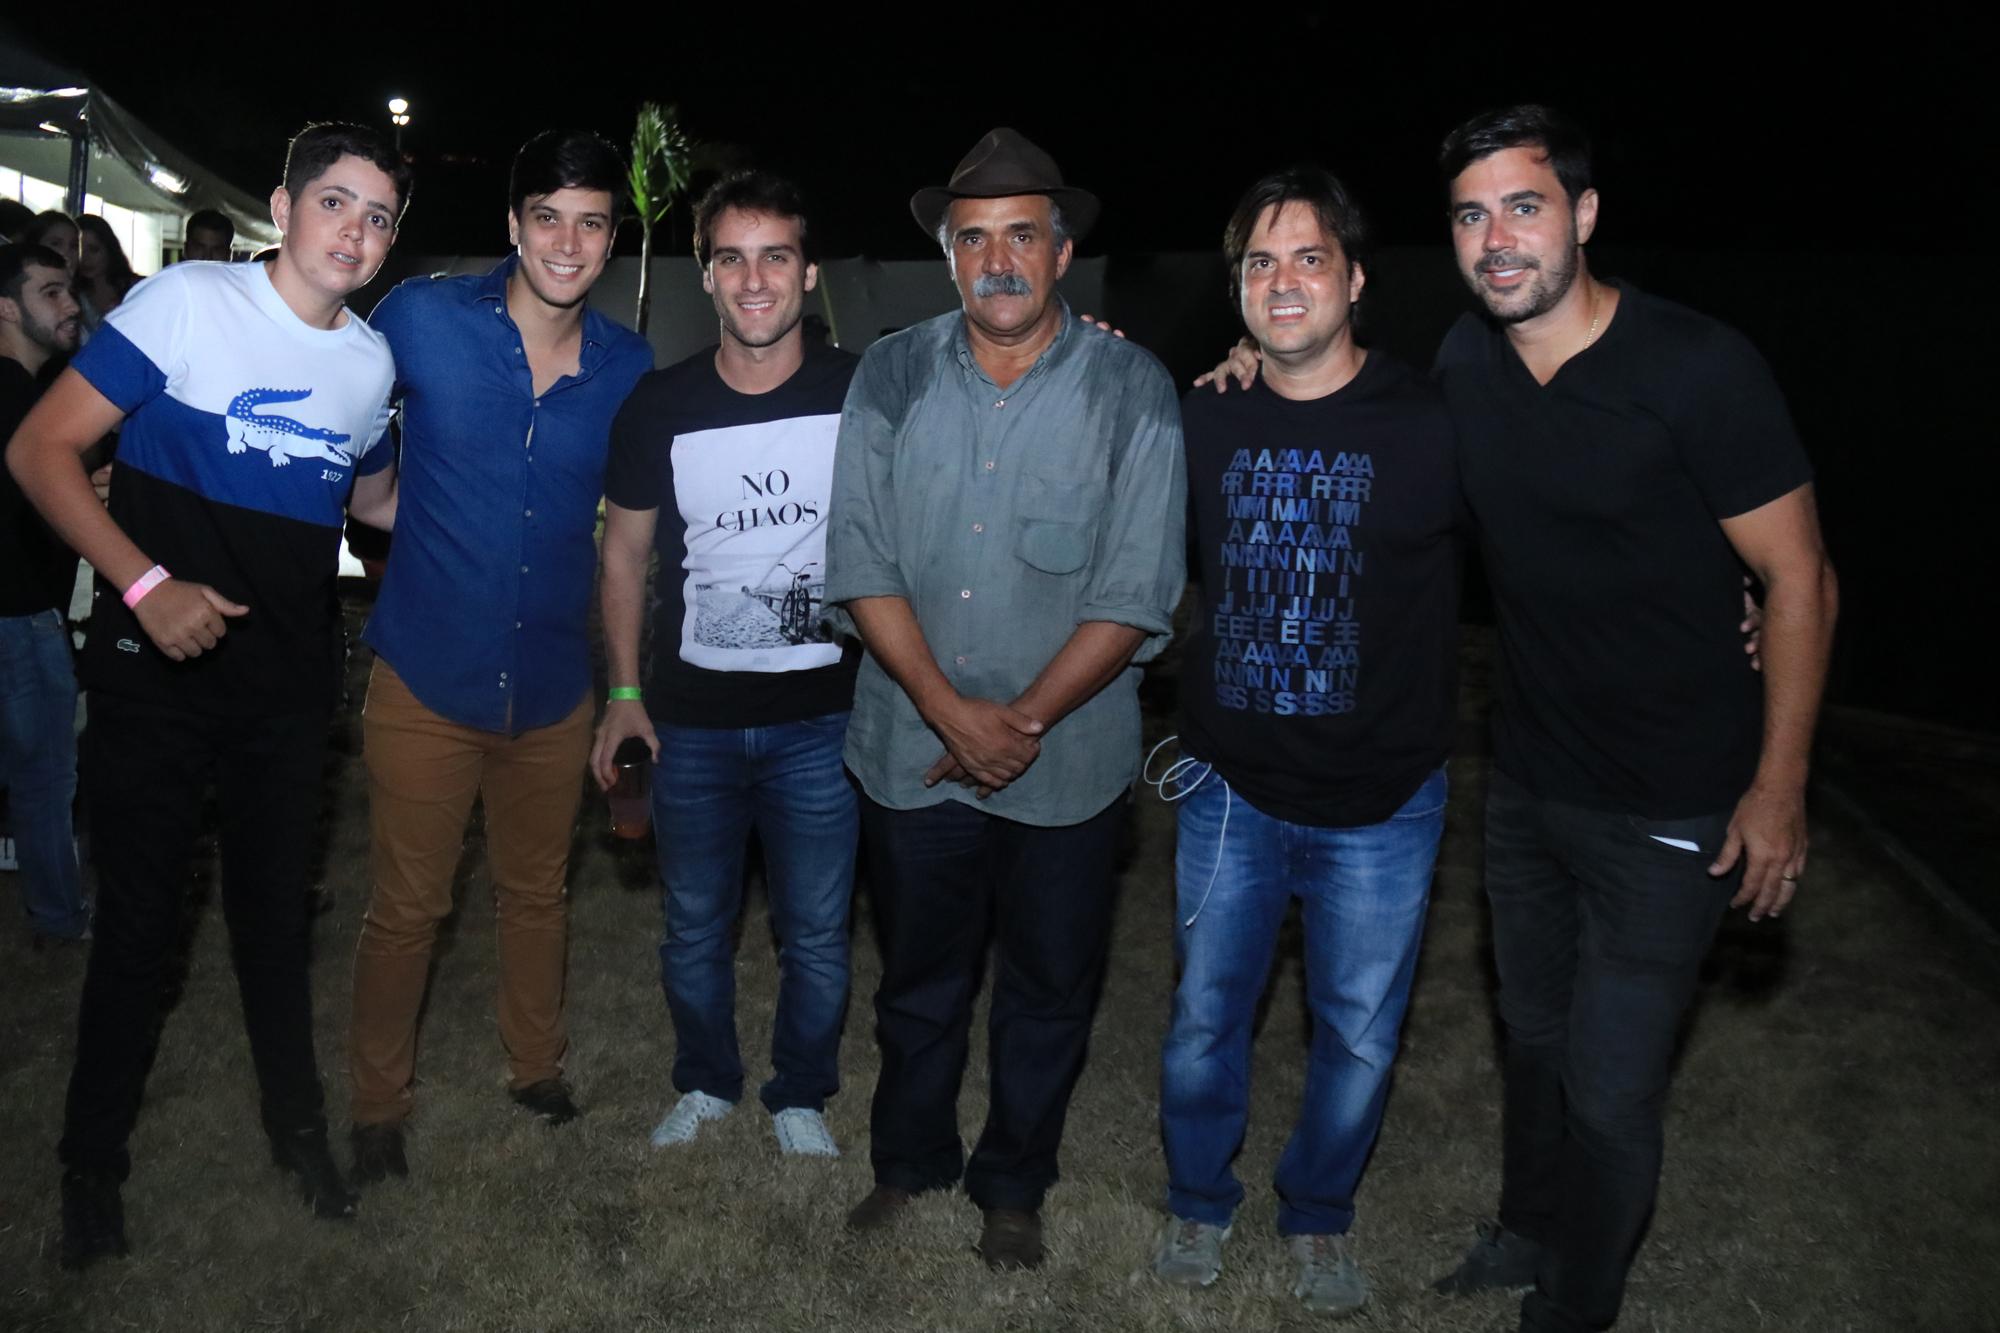 Eduardo Campelo, Bruno Ramos, Seu Antônio, Bruno Rêgo e Thiago Dias - Crédito: Luiz Fabiano/Divulgação